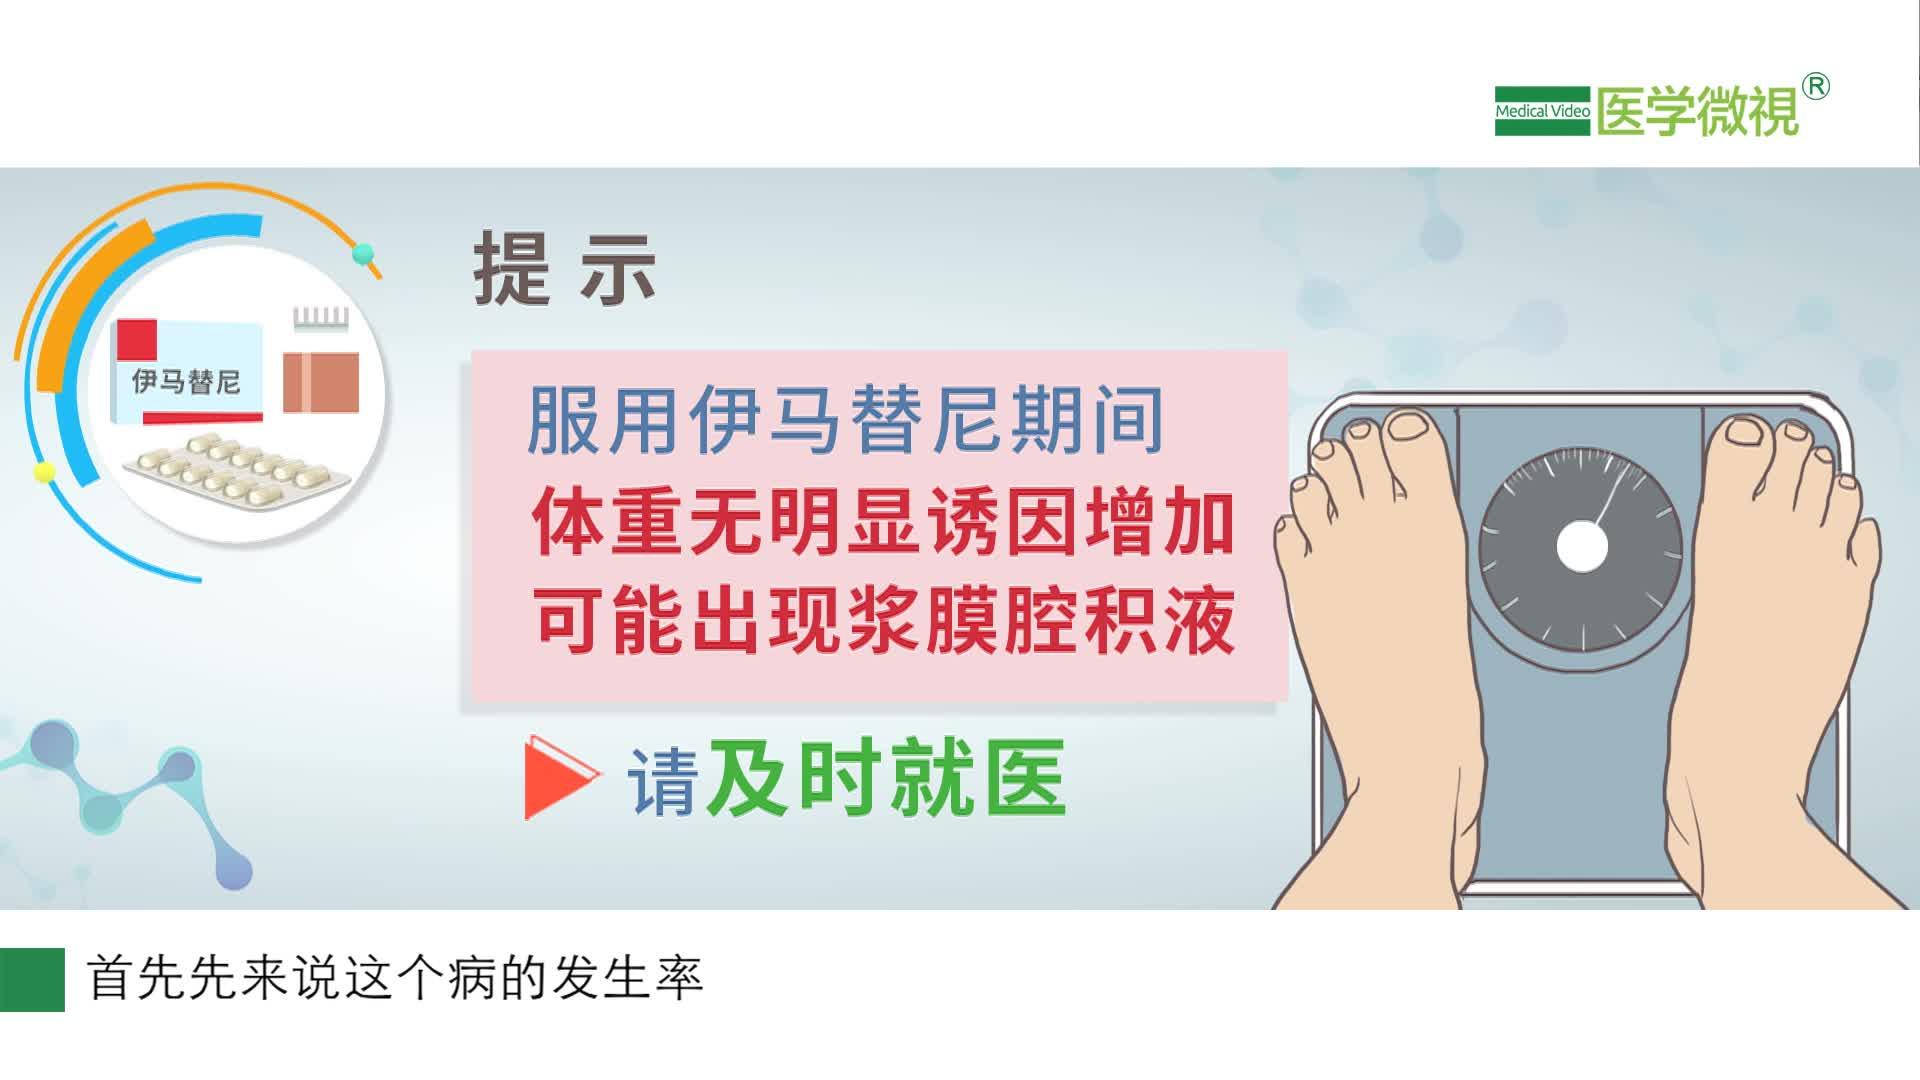 服用伊马替尼期间发生水肿该怎么办?为什么?